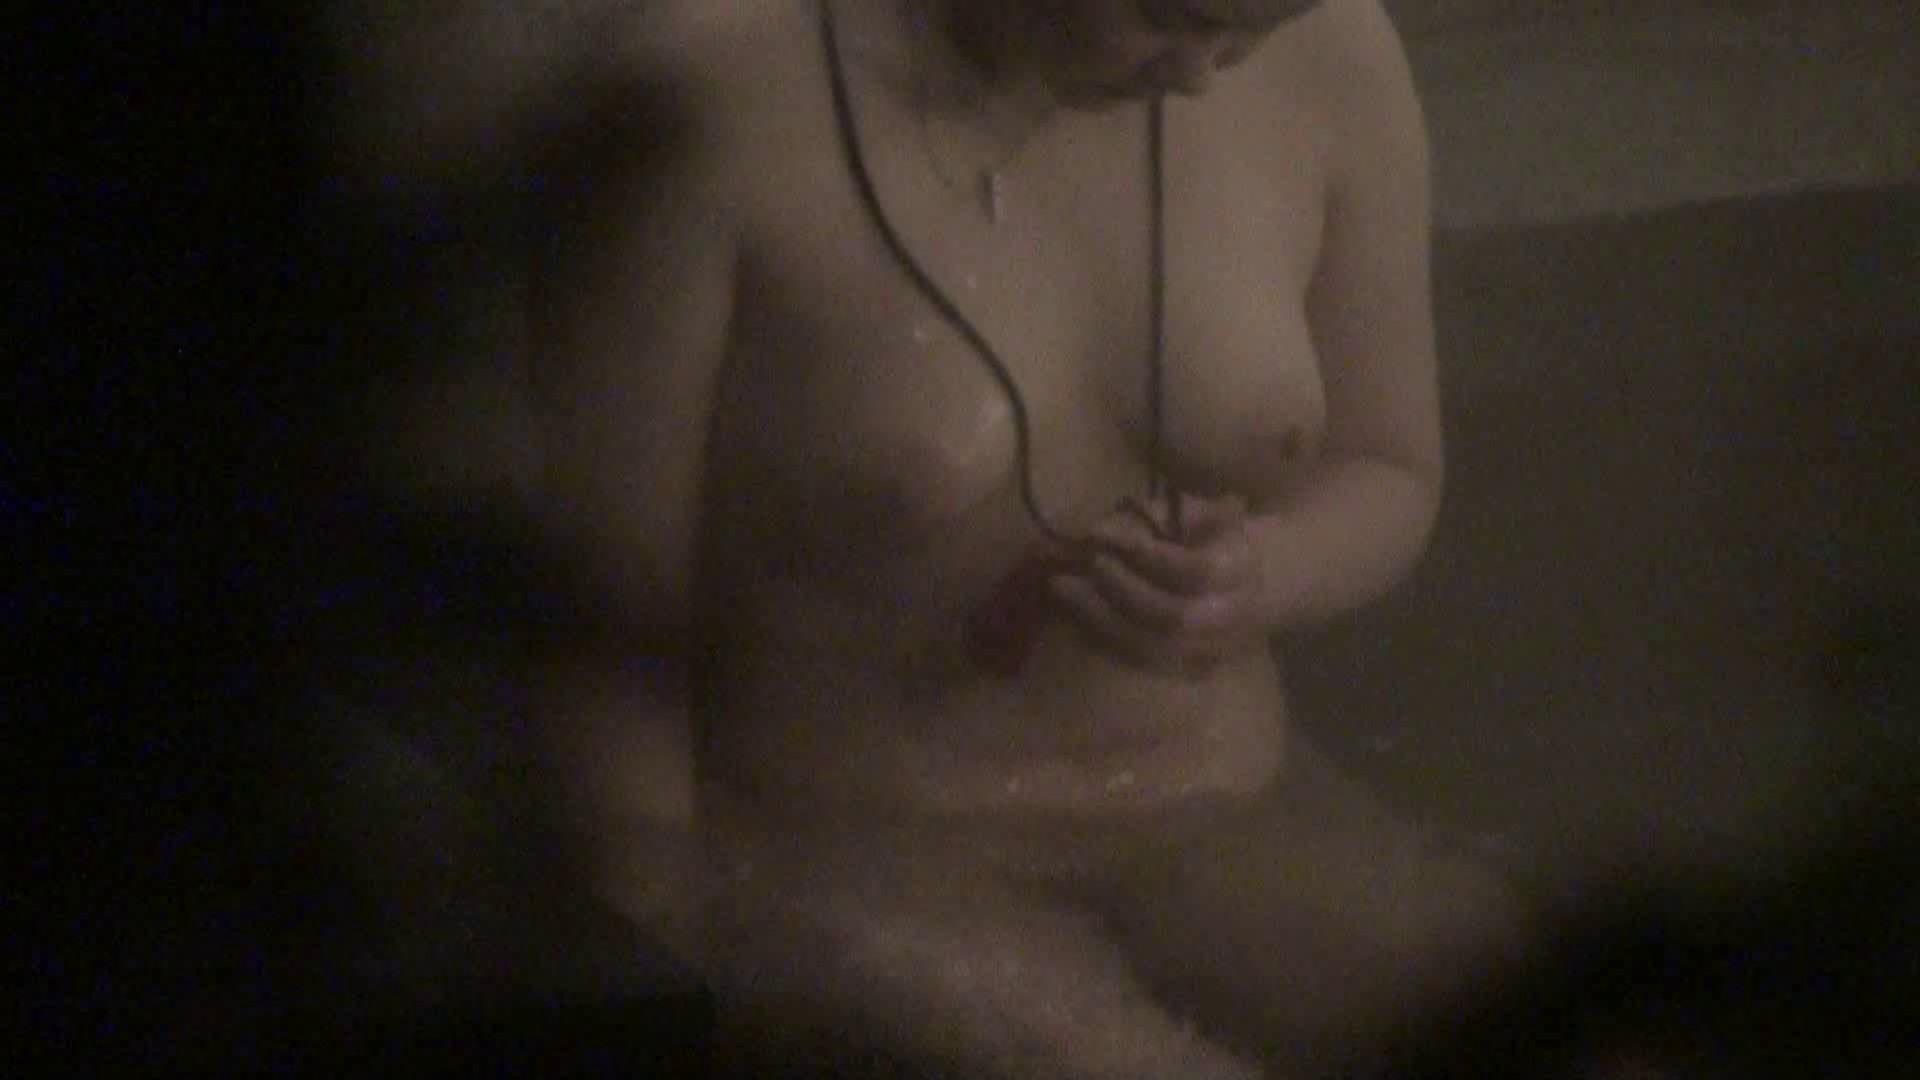 Aquaな露天風呂Vol.408 盗撮師作品 | 美しいOLの裸体  79pic 4